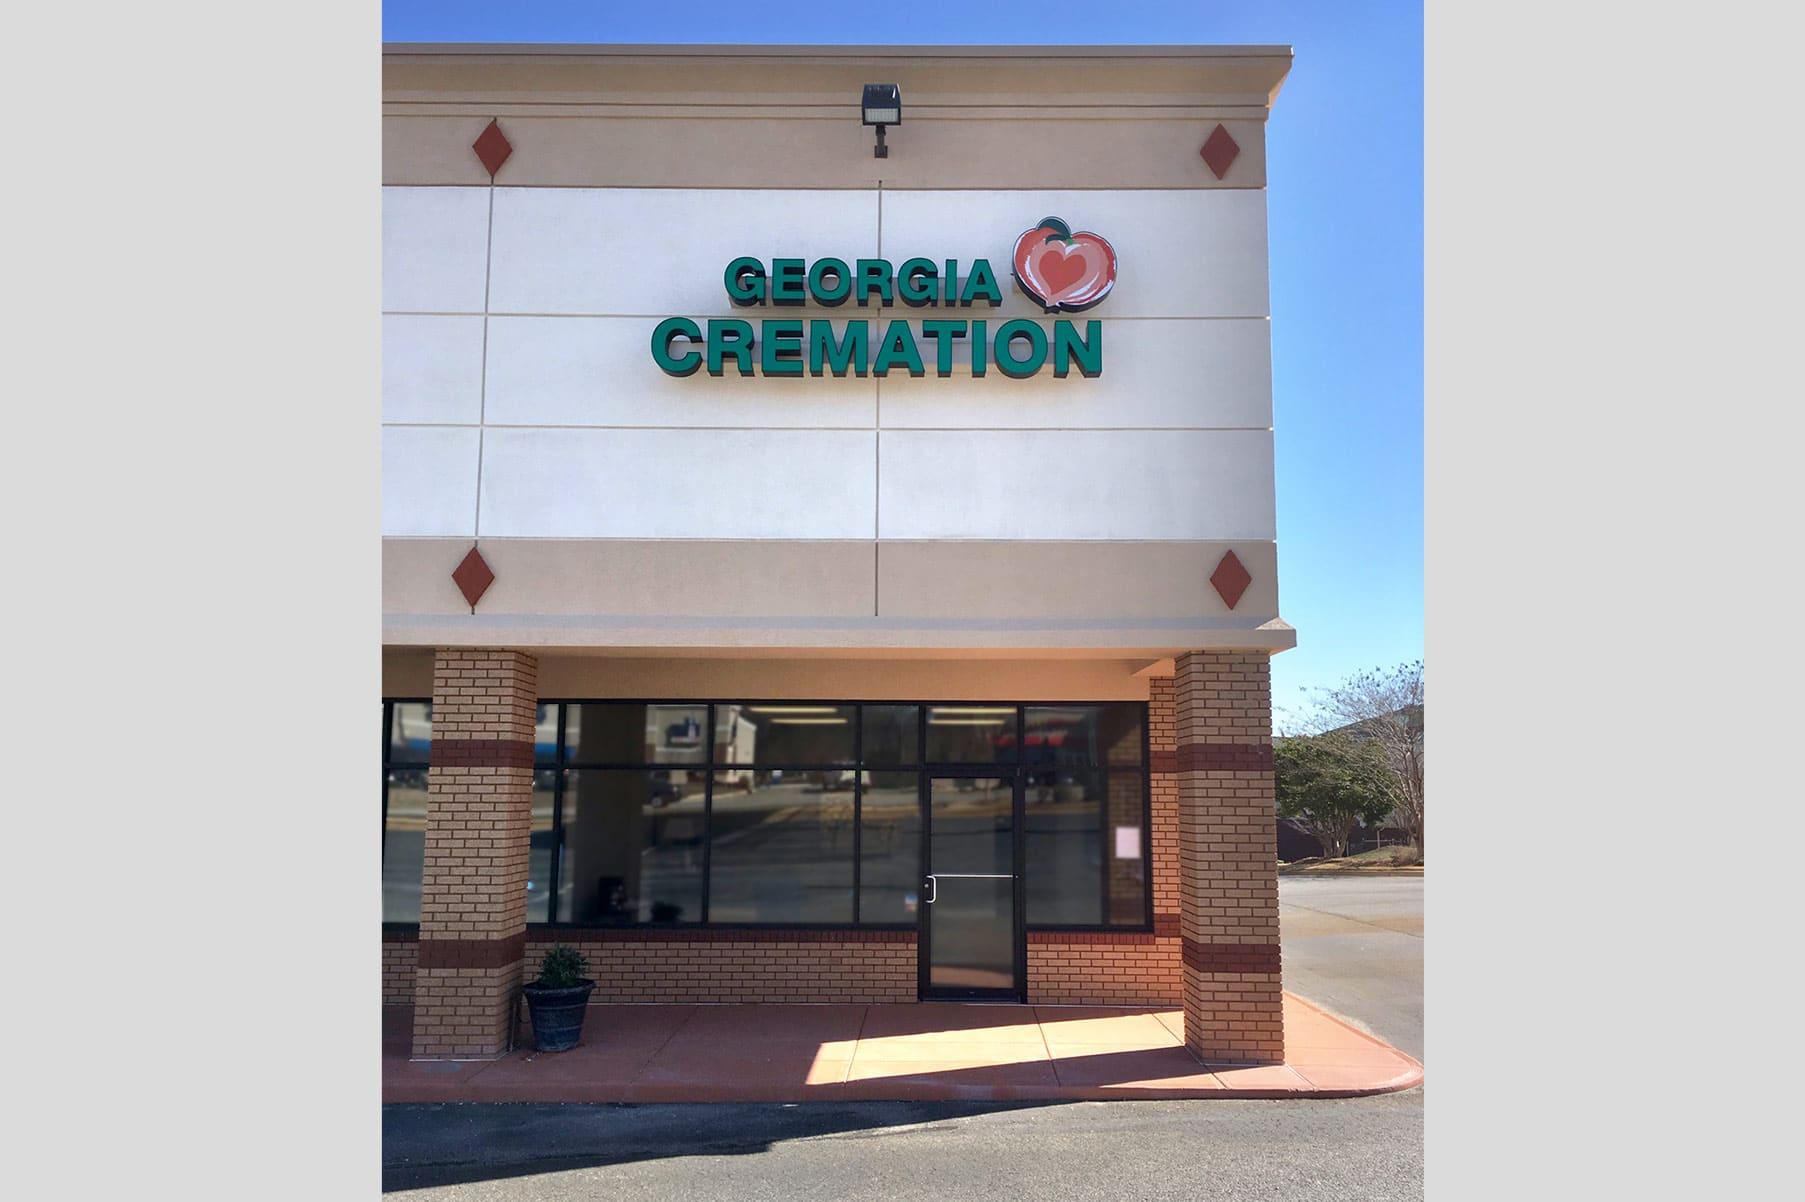 Georgia Cremation's building in Columbus, GA